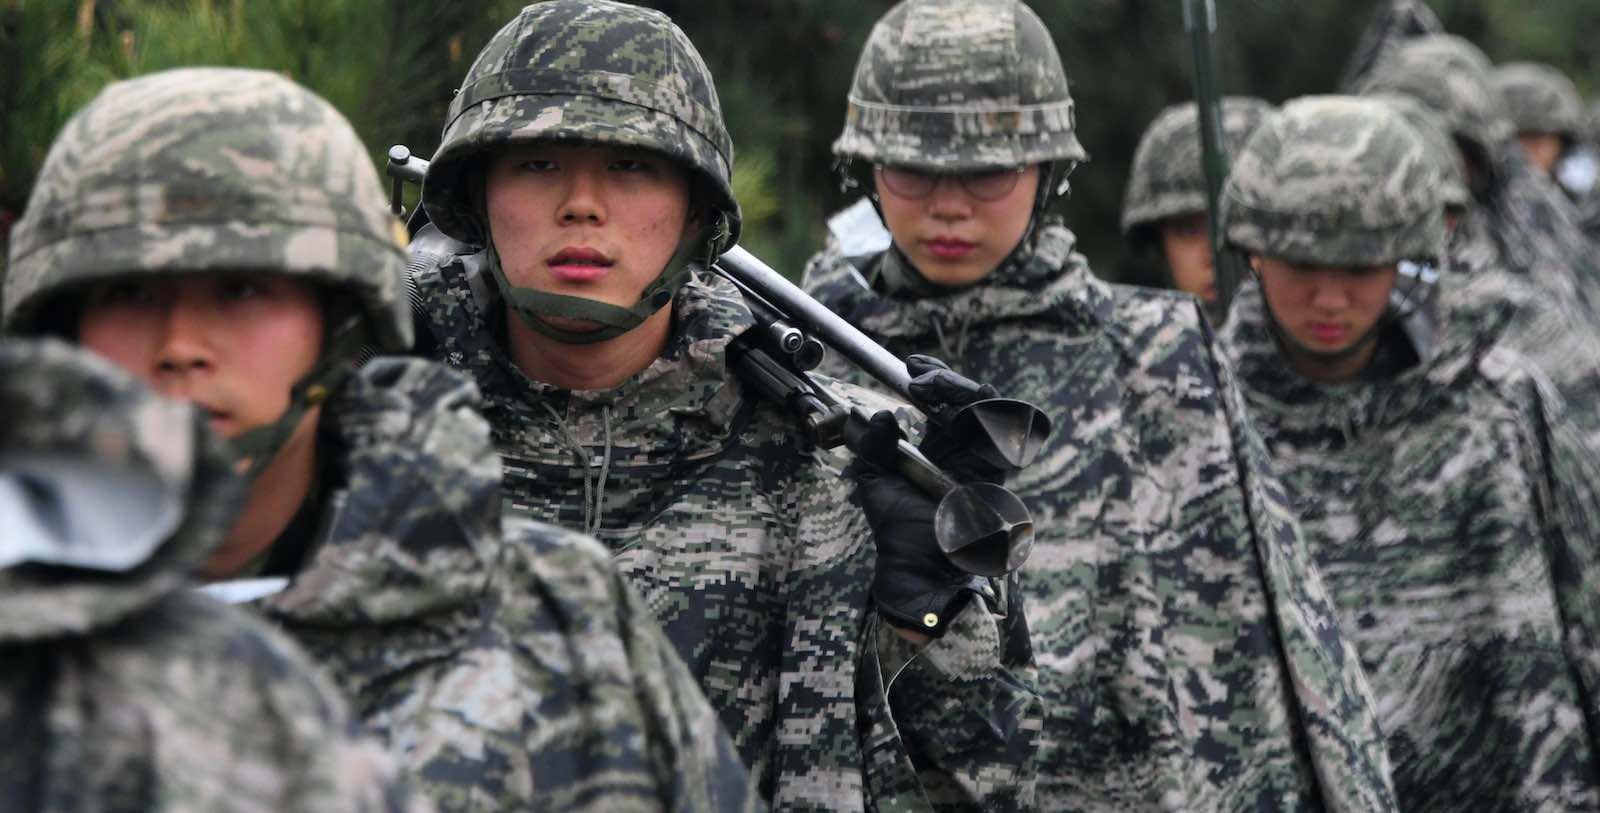 कोरियामा अनिवार्य सैन्य सेवामा जान नचाहने युवाको संख्या बढ्दै